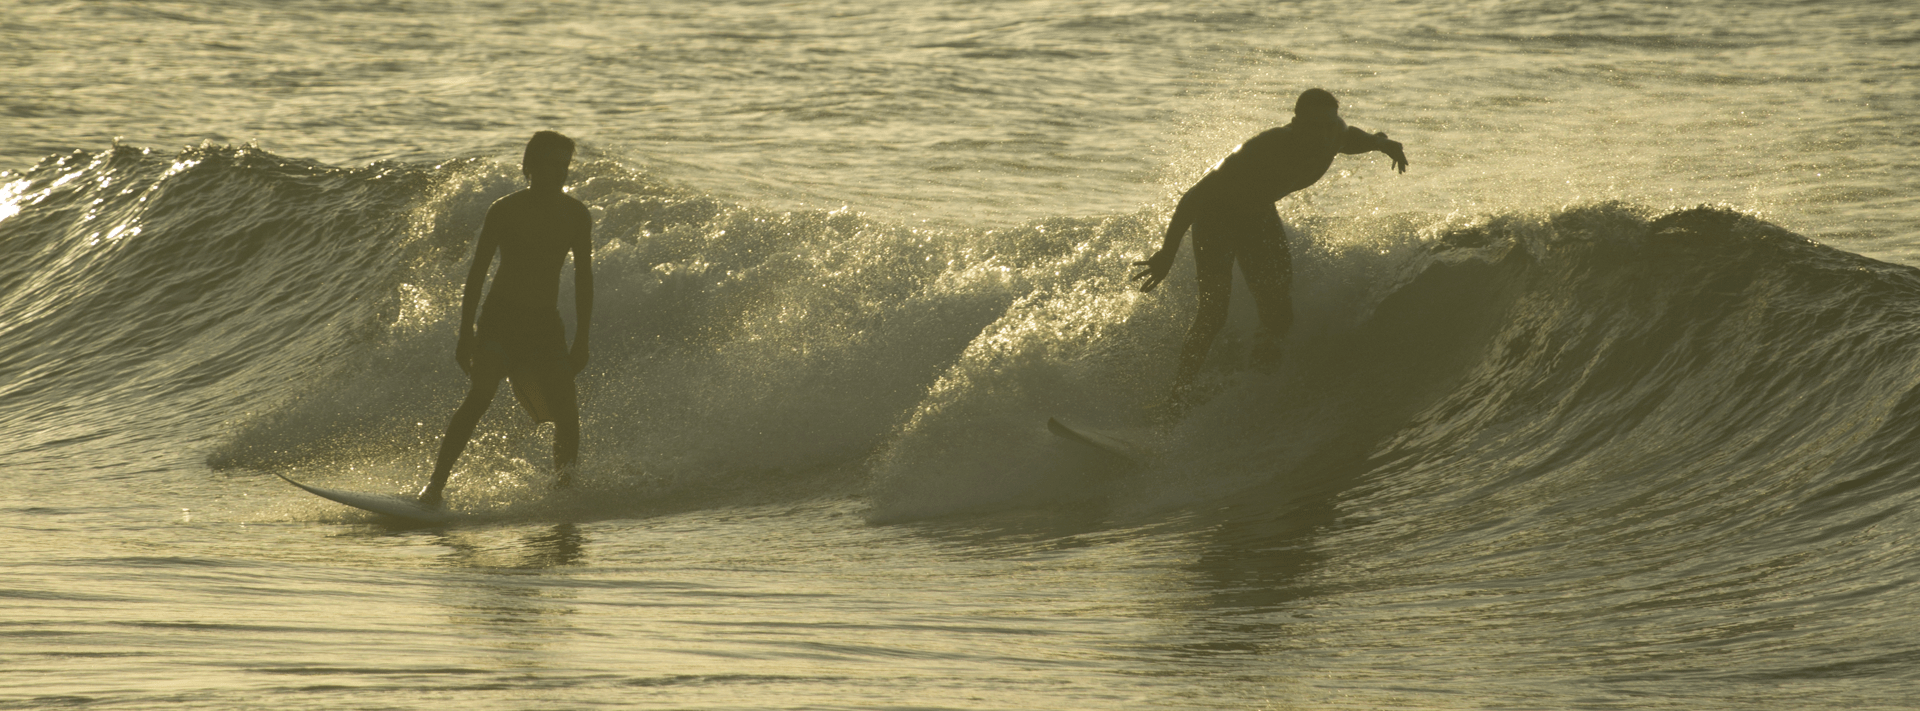 surfer a tahiti